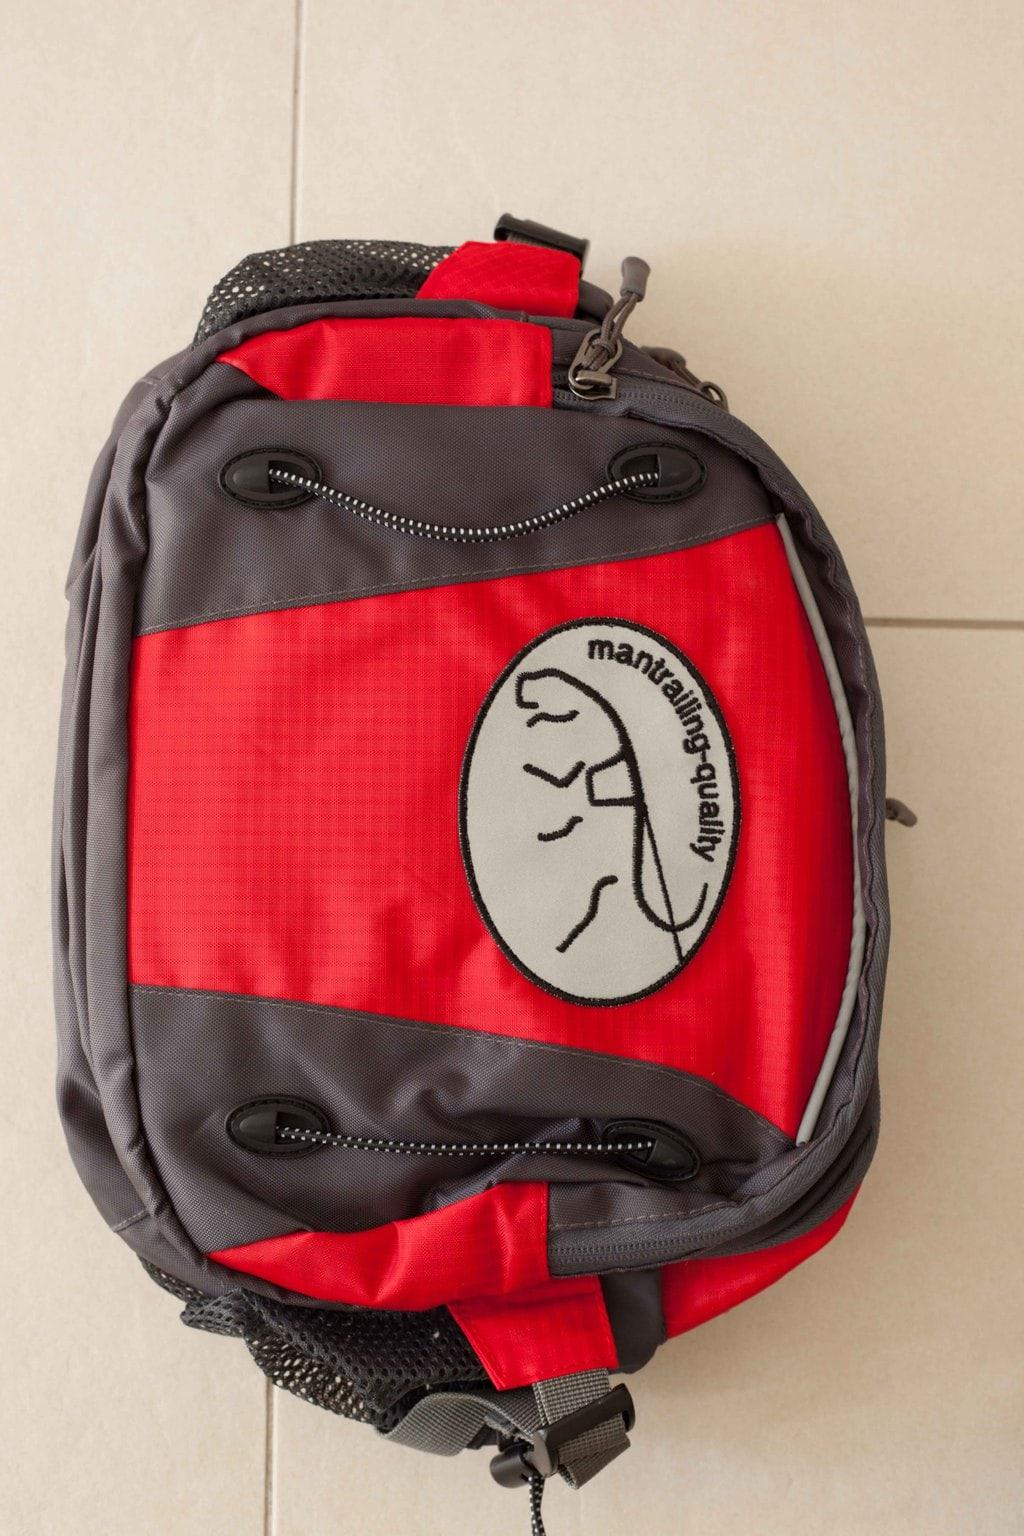 Trailtasche von mantrailing-quality Hüfttasche rot Vorderansicht